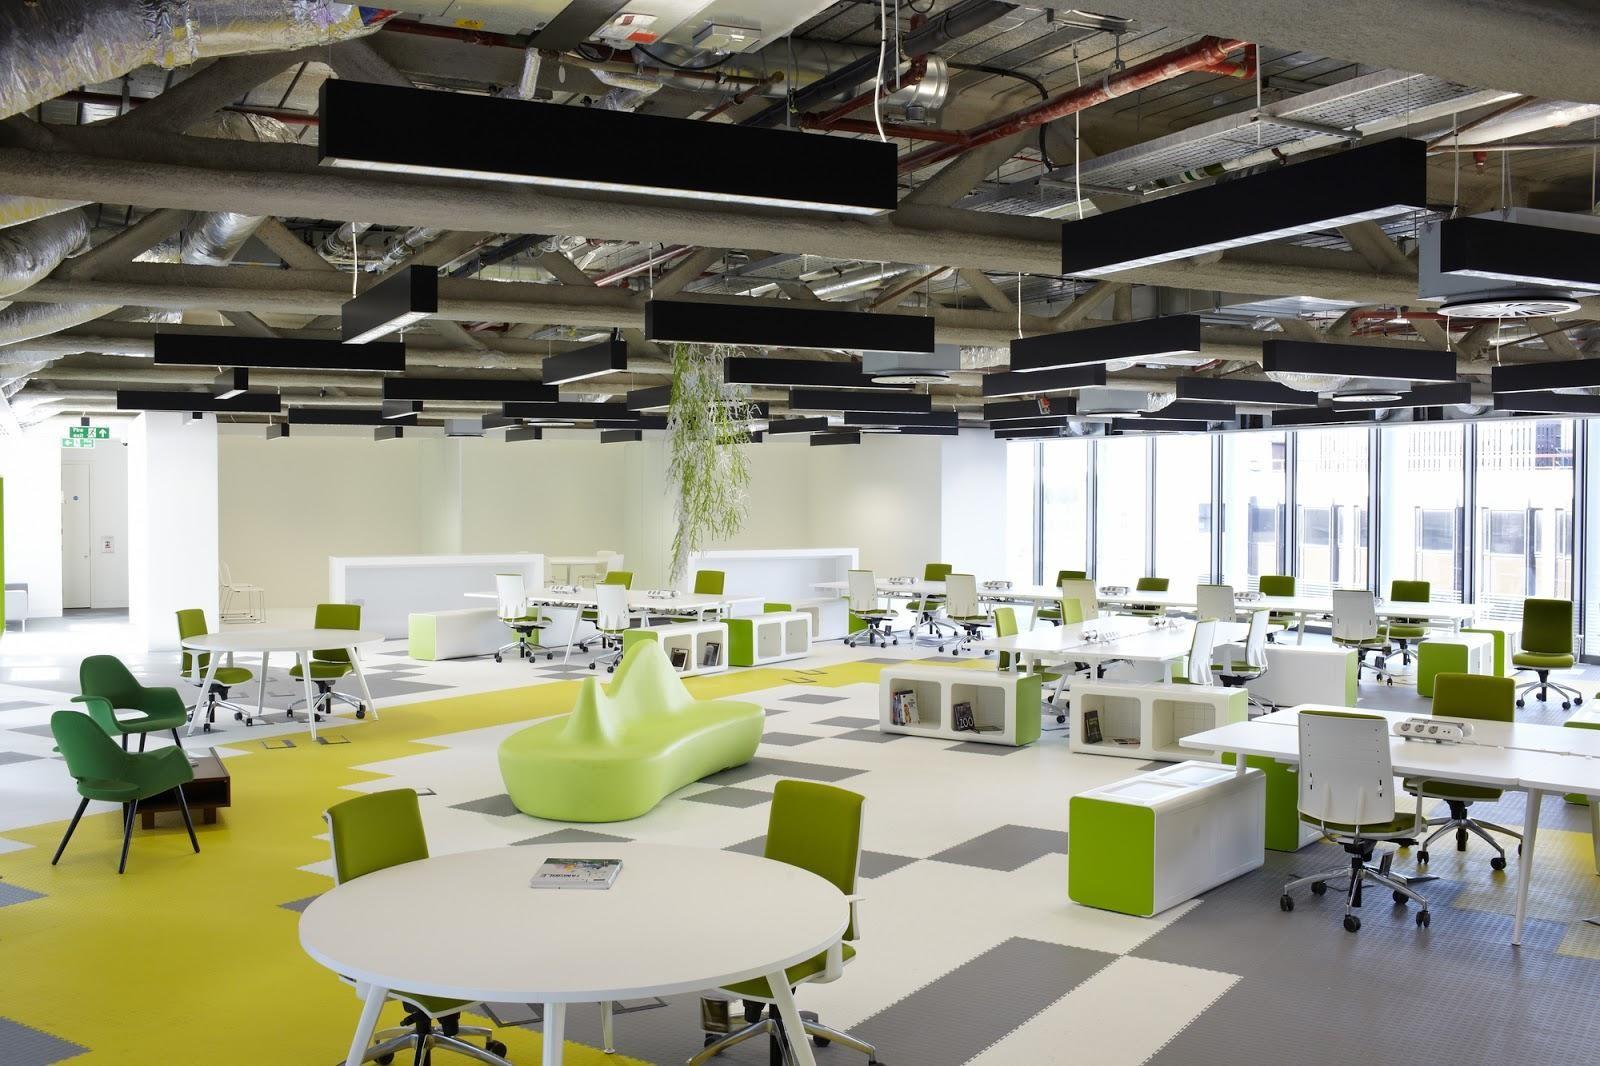 Một văn phòng lớn cần phải gây được ấn tượng với đối tác cũng như khách hàng